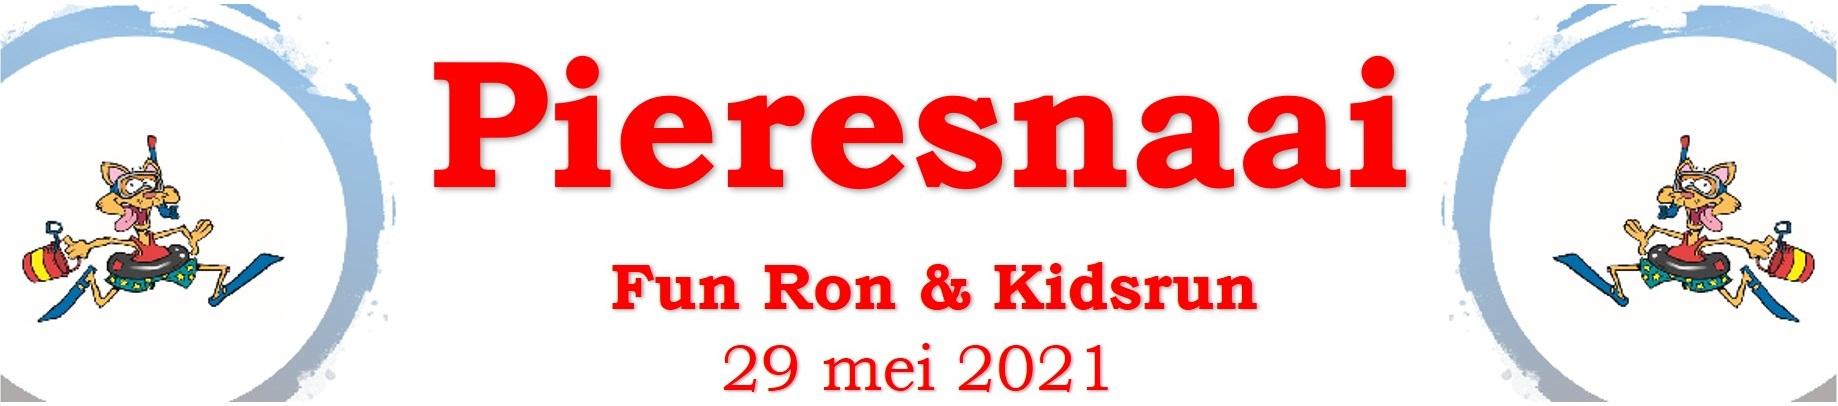 Pieresnaai logo